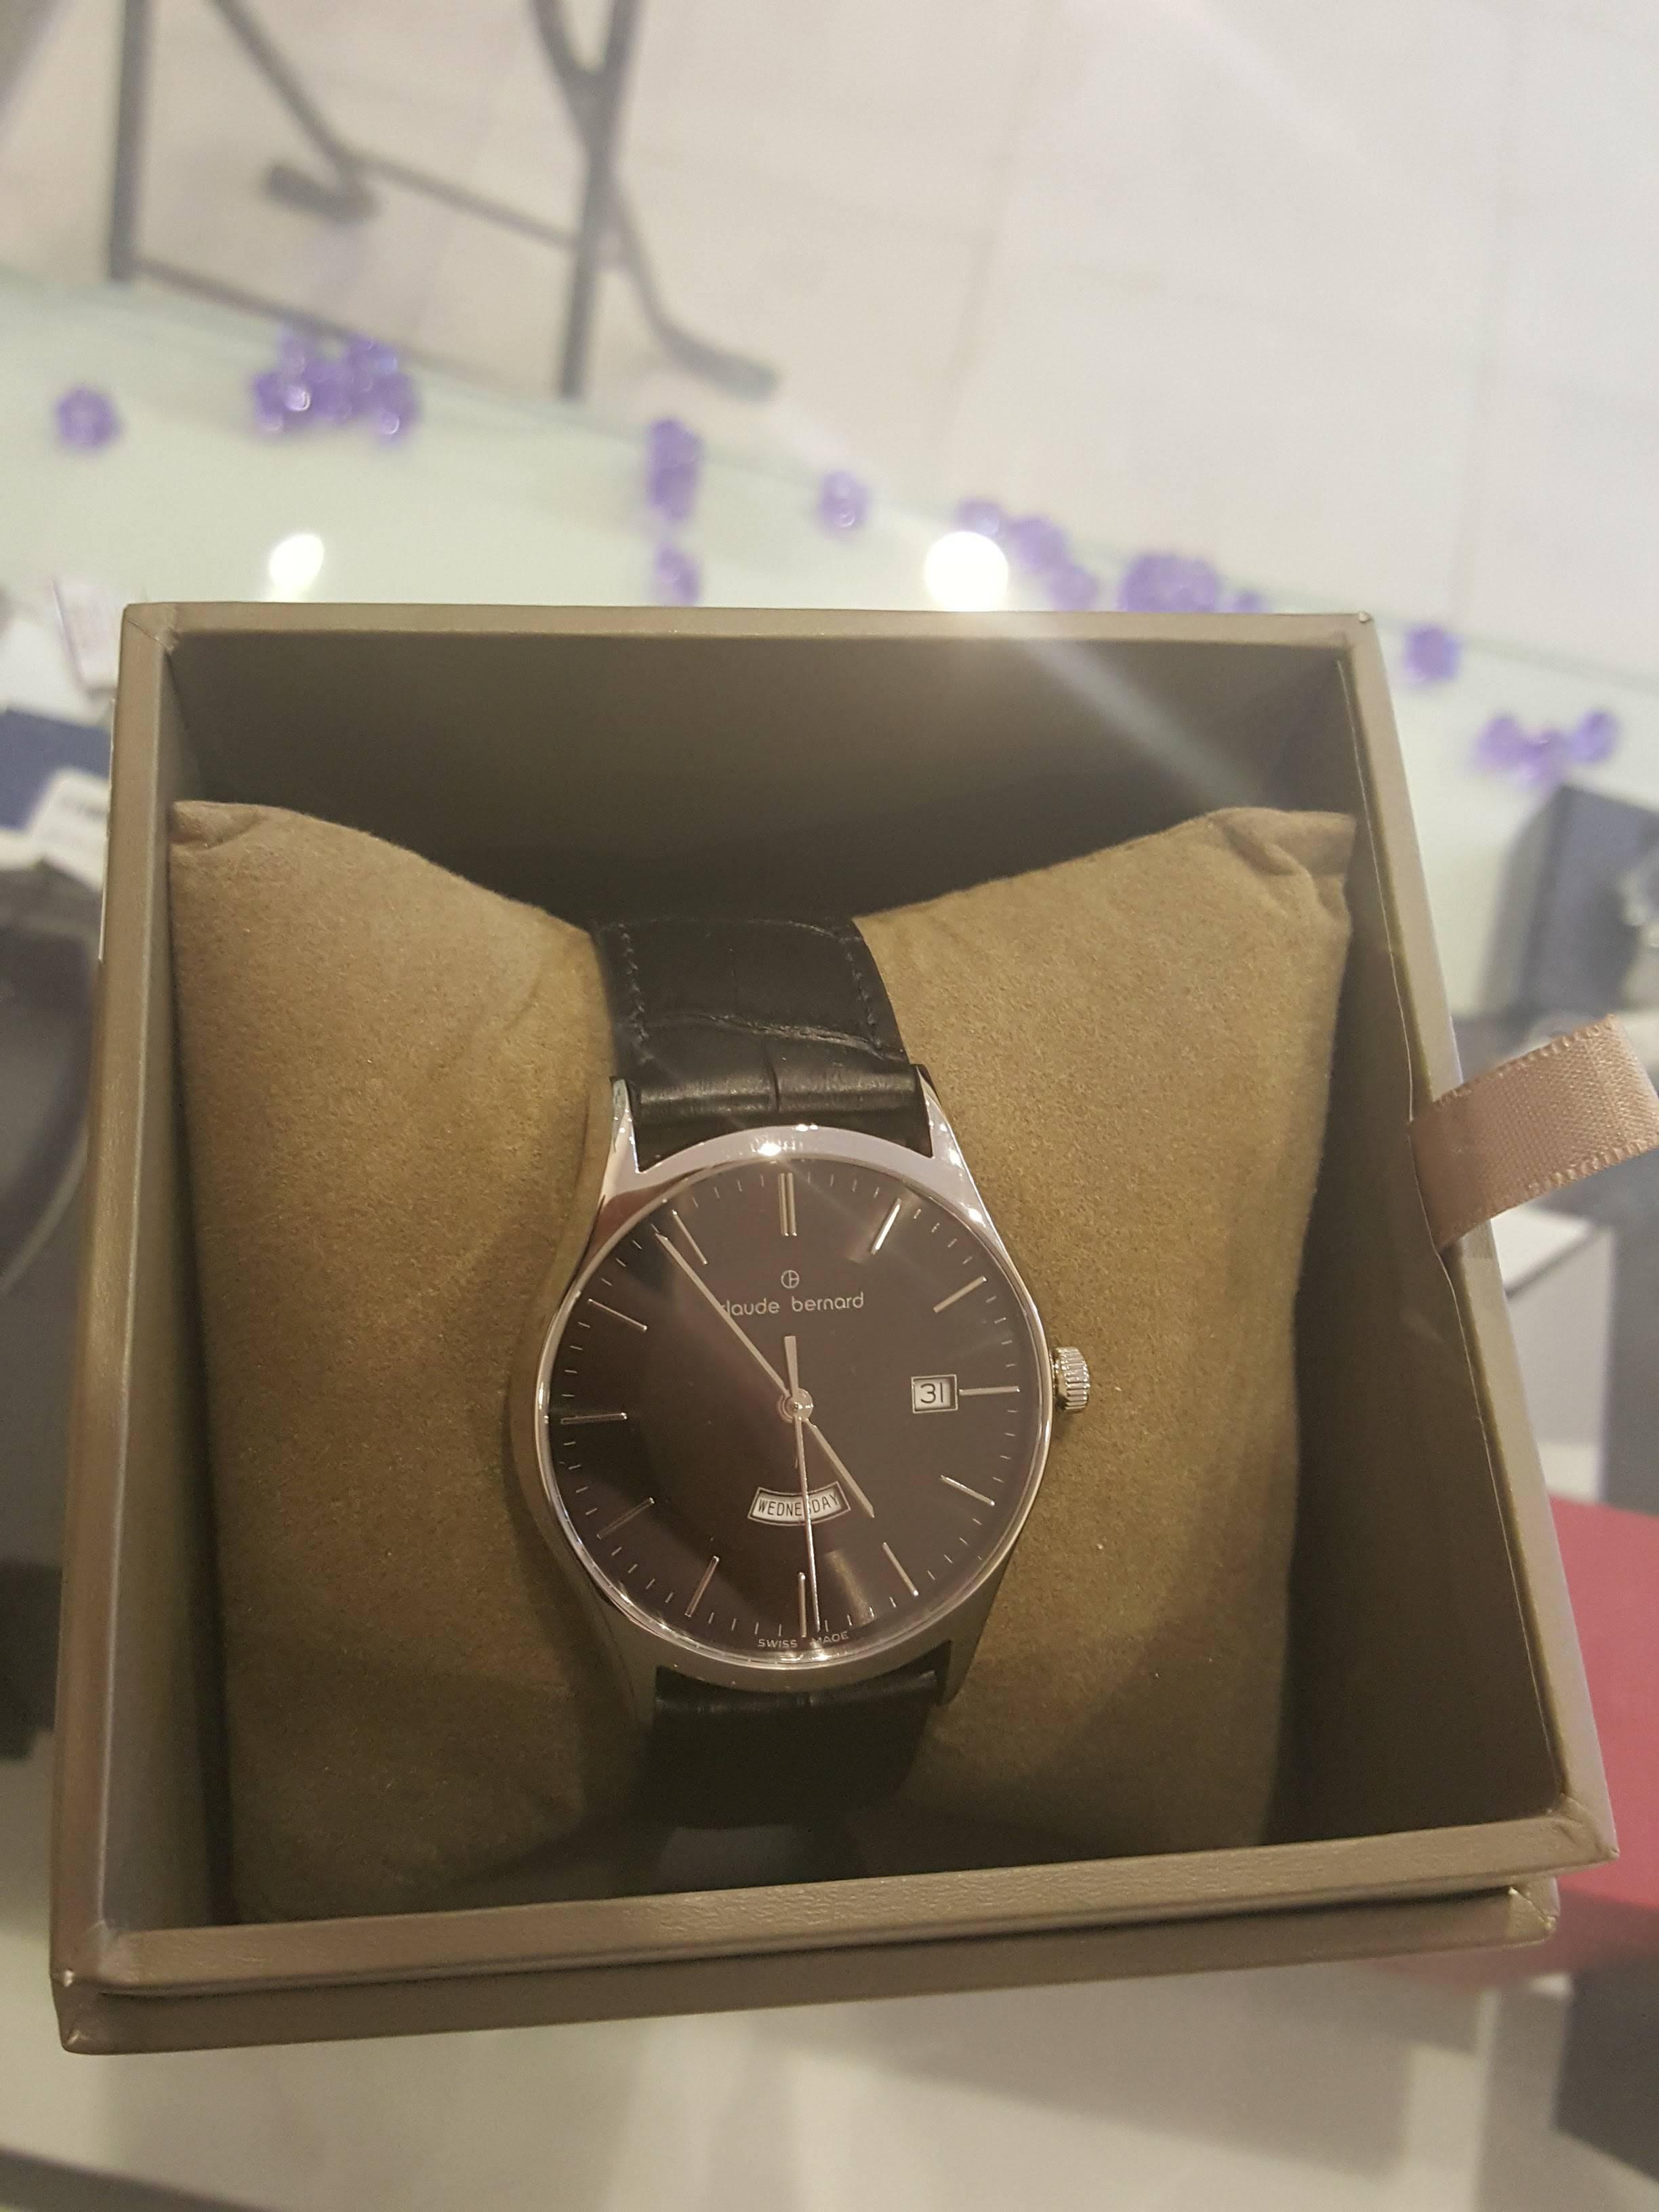 Ý duyên shop chuyên đồng hồ sách tay chính hãng